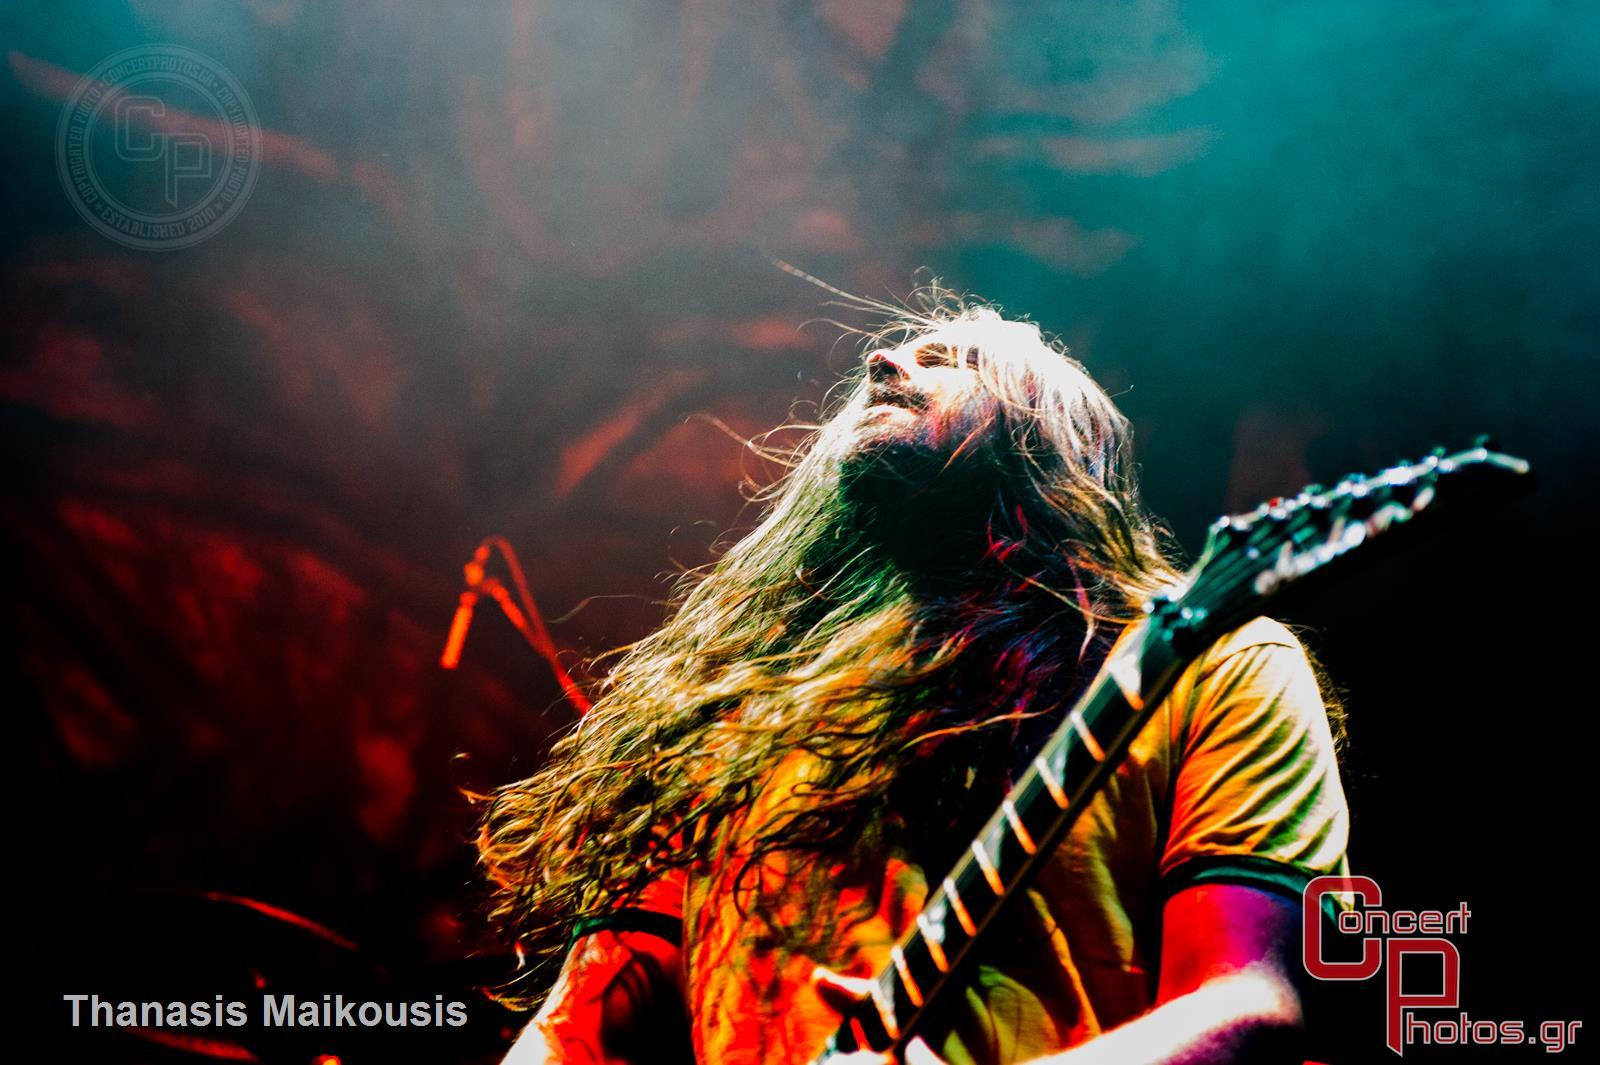 Sepultura-Sepultira photographer: Thanasis Maikousis - concertphotos_20140703_22_09_20